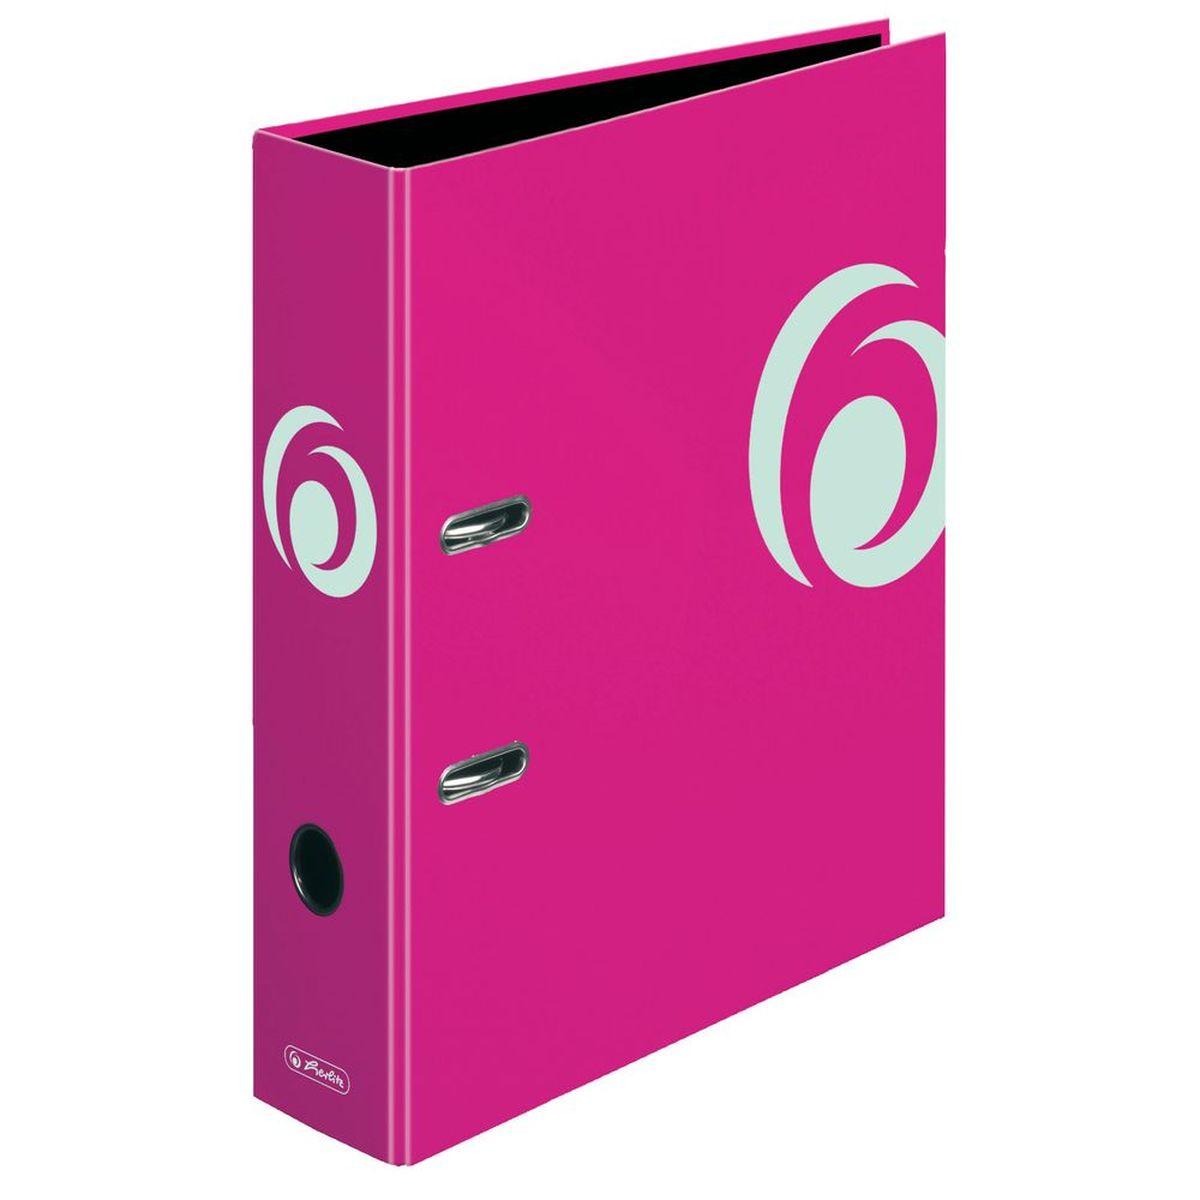 Herlitz Папка-регистратор MaX.file цвет розовый11364320Практичная папка-регистратор Herlitz maX.file предназначена для хранения больших объемов документов. Ее обложка выполнена из ламинированного картона, с отделкой выборочным лаком. Папка оснащена прочным арочным механизмом улучшенного высокого качества с увеличенной прижимной силой. Основа папки изготовлена из прочного FSC-сертифицированного картона. Папка-регистратор значительно облегчает делопроизводство. Яркий розовый дизайн позволит ей стать достойным аксессуаром среди ваших канцелярских принадлежностей.